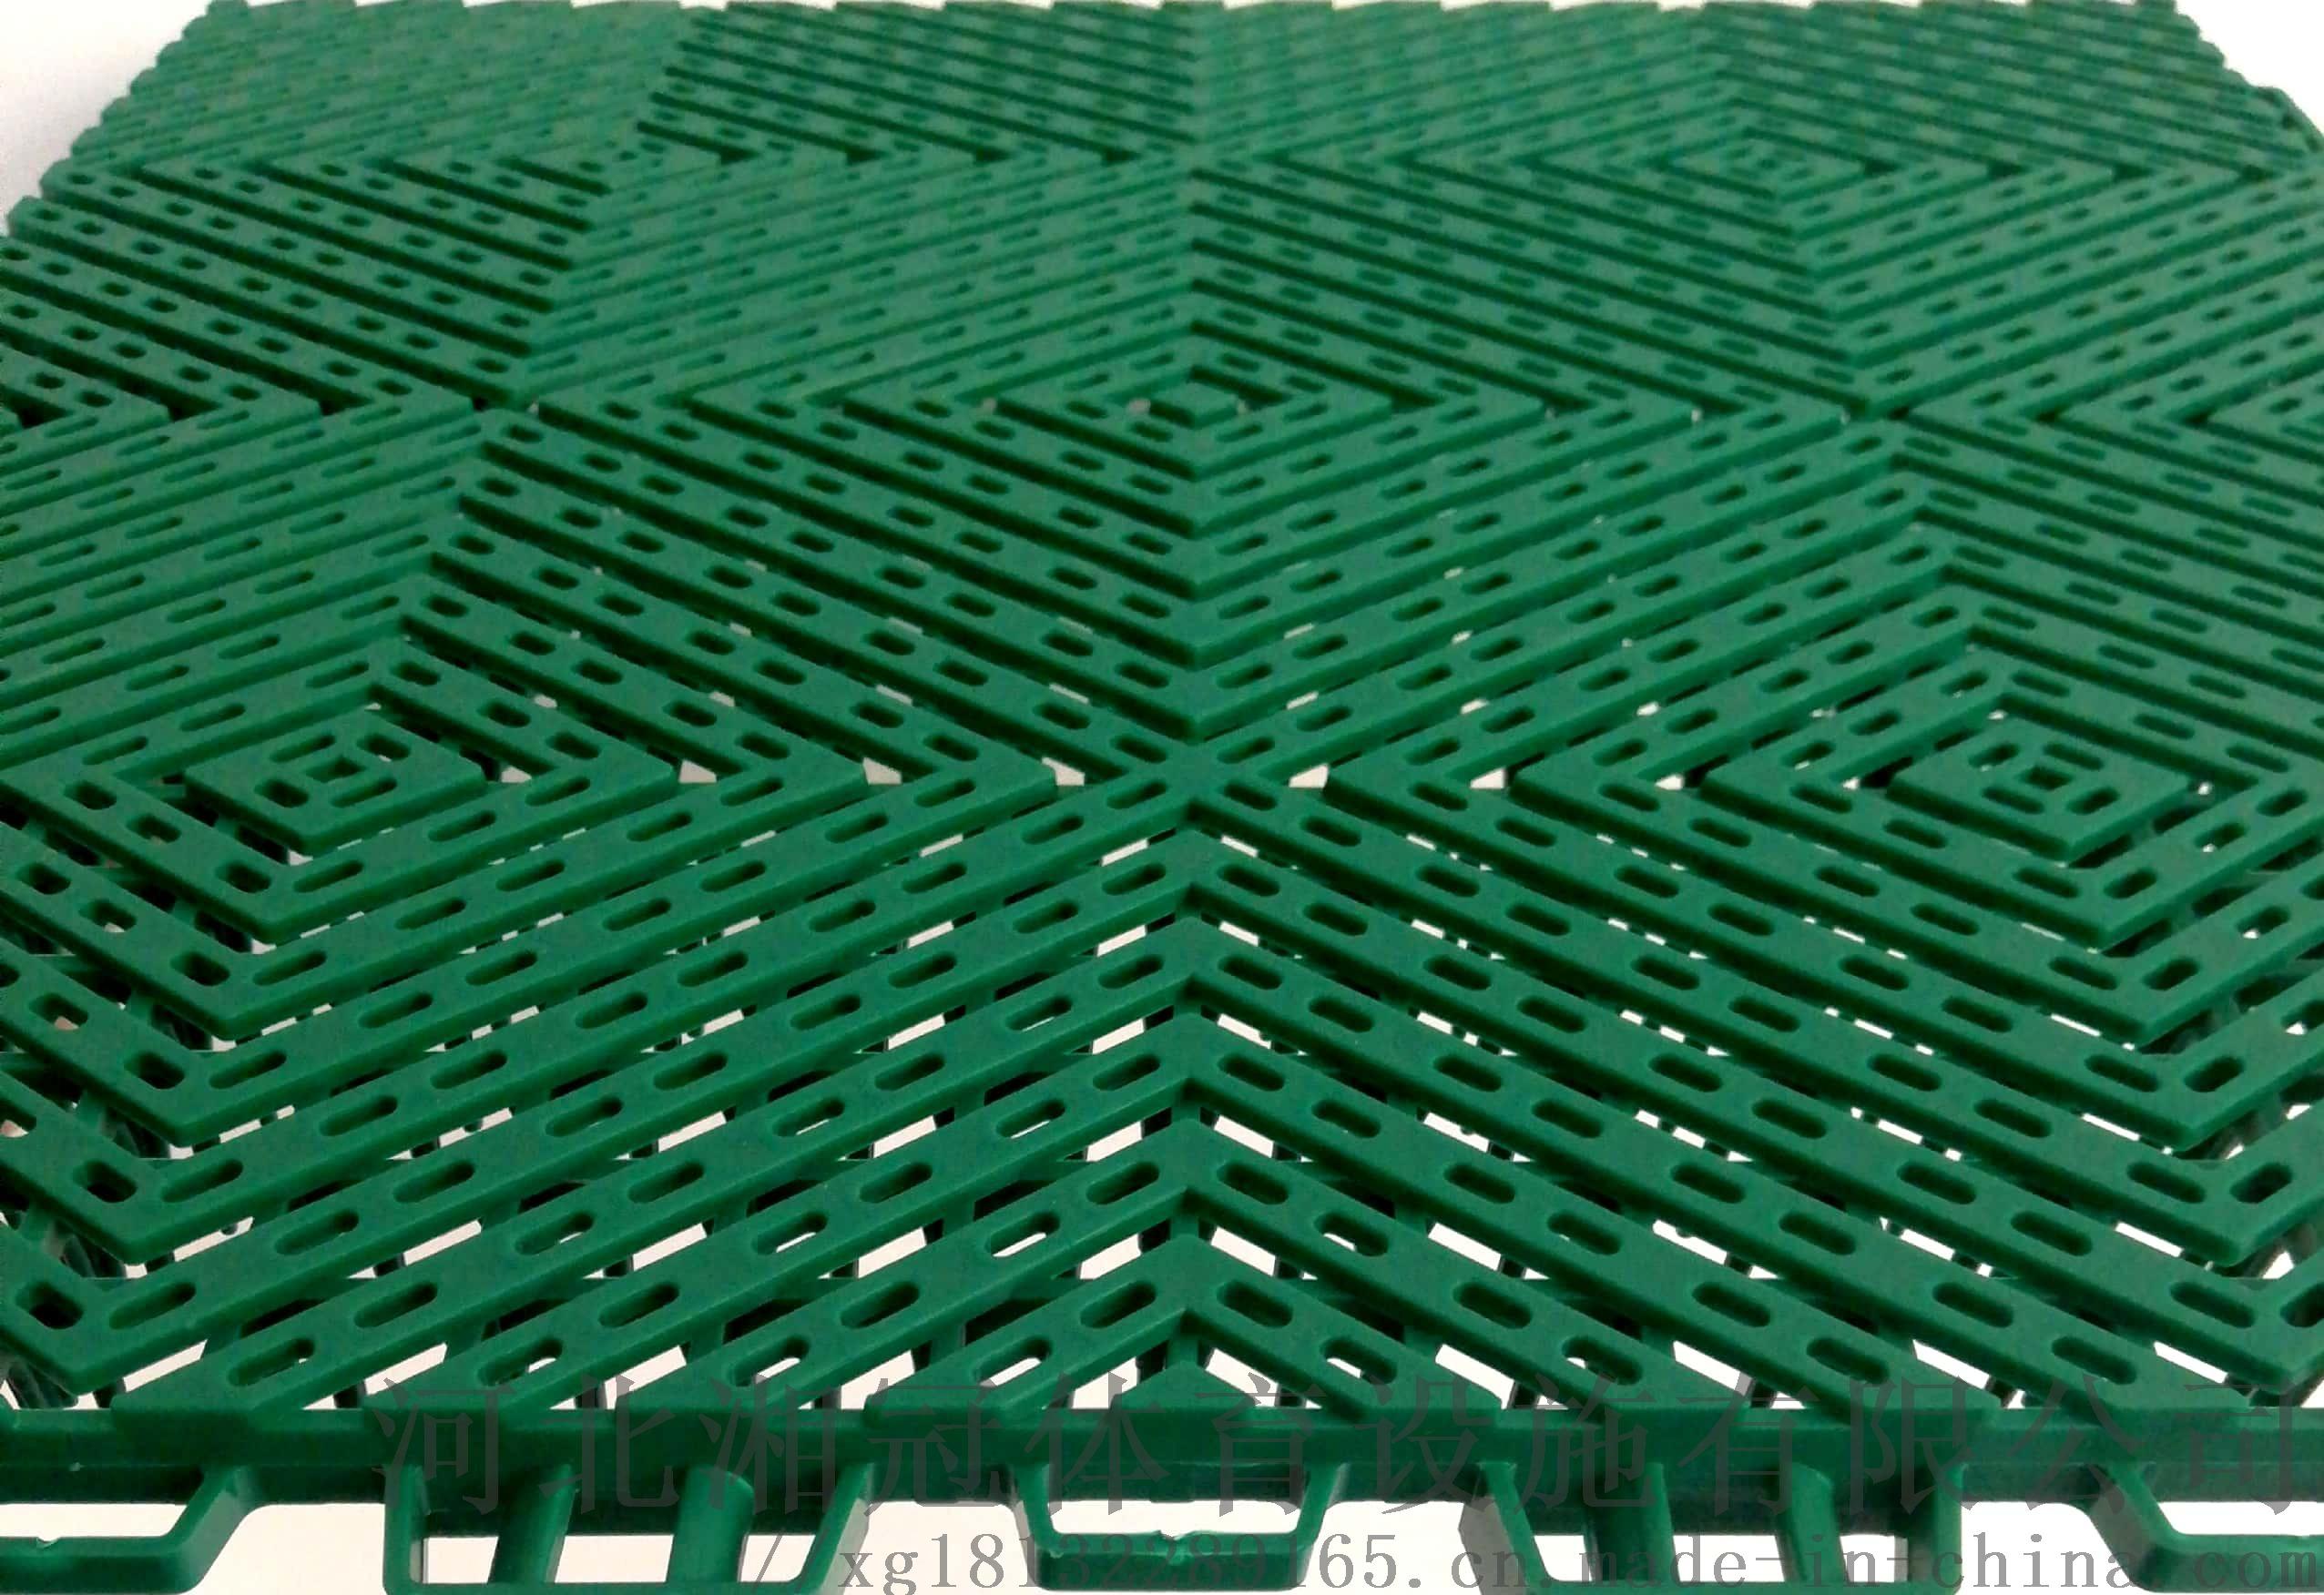 懸浮拼裝地板實力廠家  拼裝地板實力廠家786960215